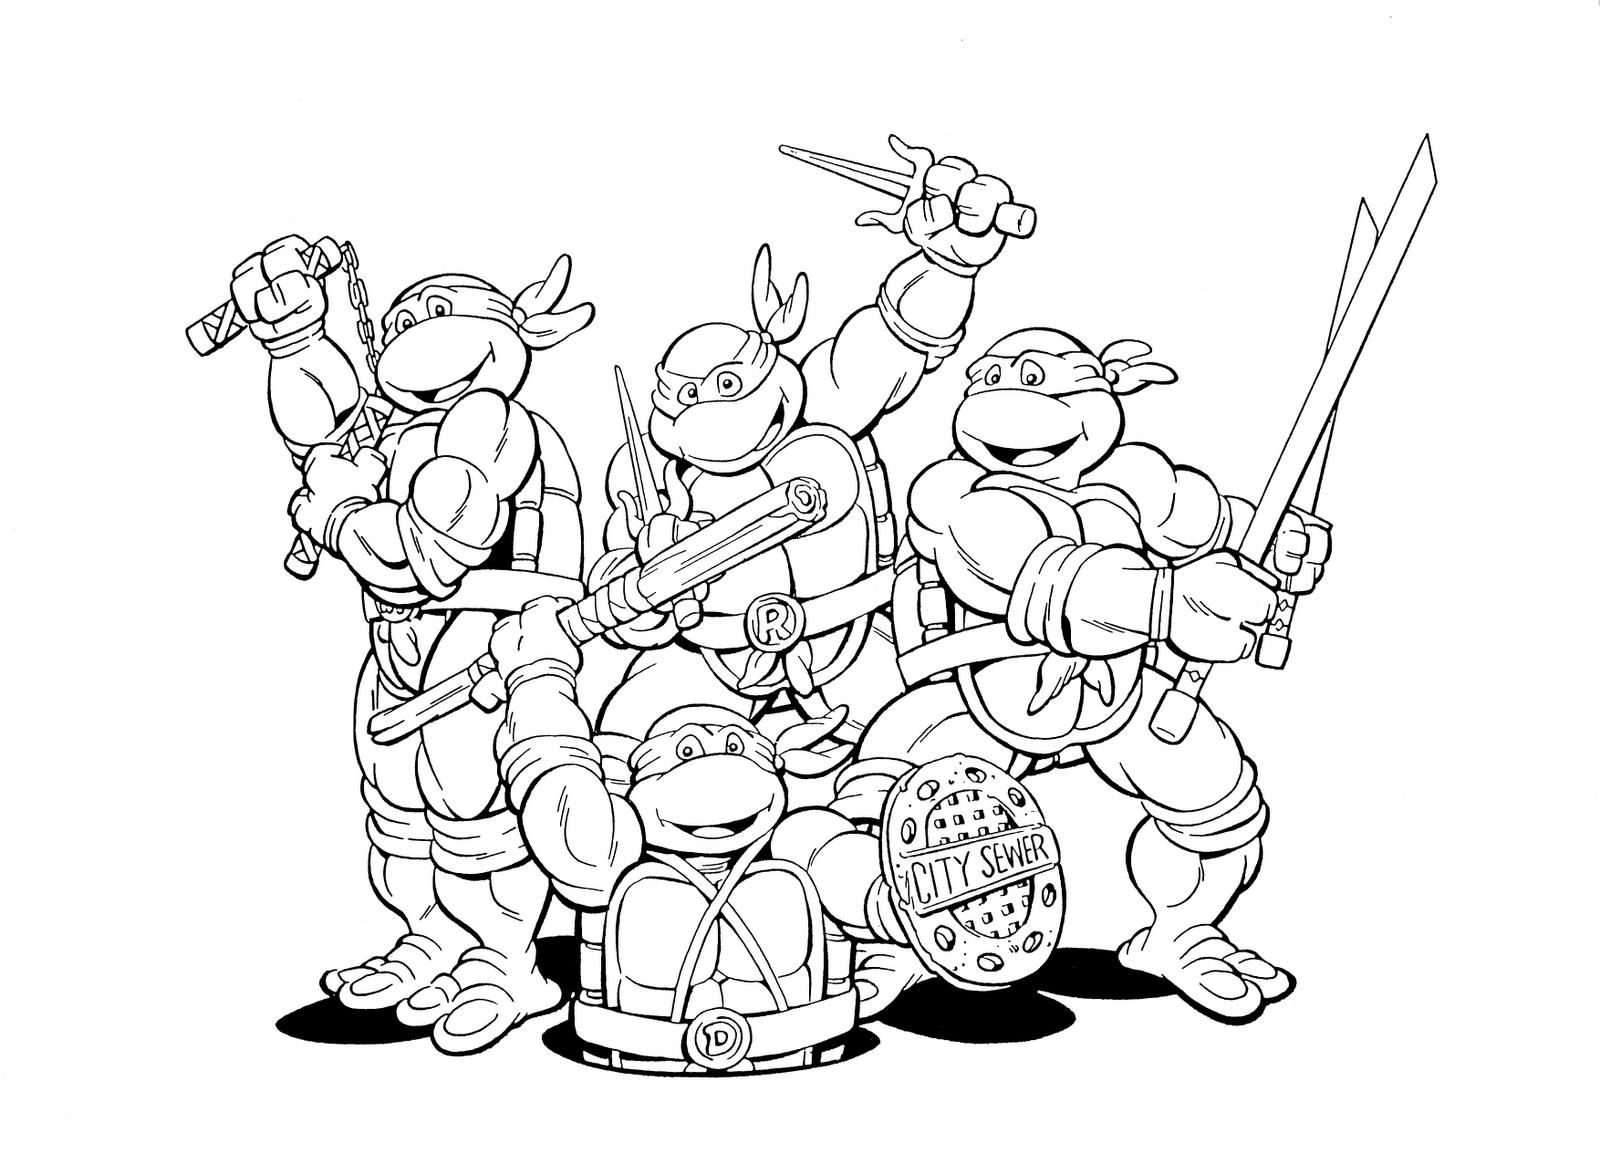 ninja turtle coloring sheets craftoholic teenage mutant ninja turtles coloring pages turtle coloring sheets ninja